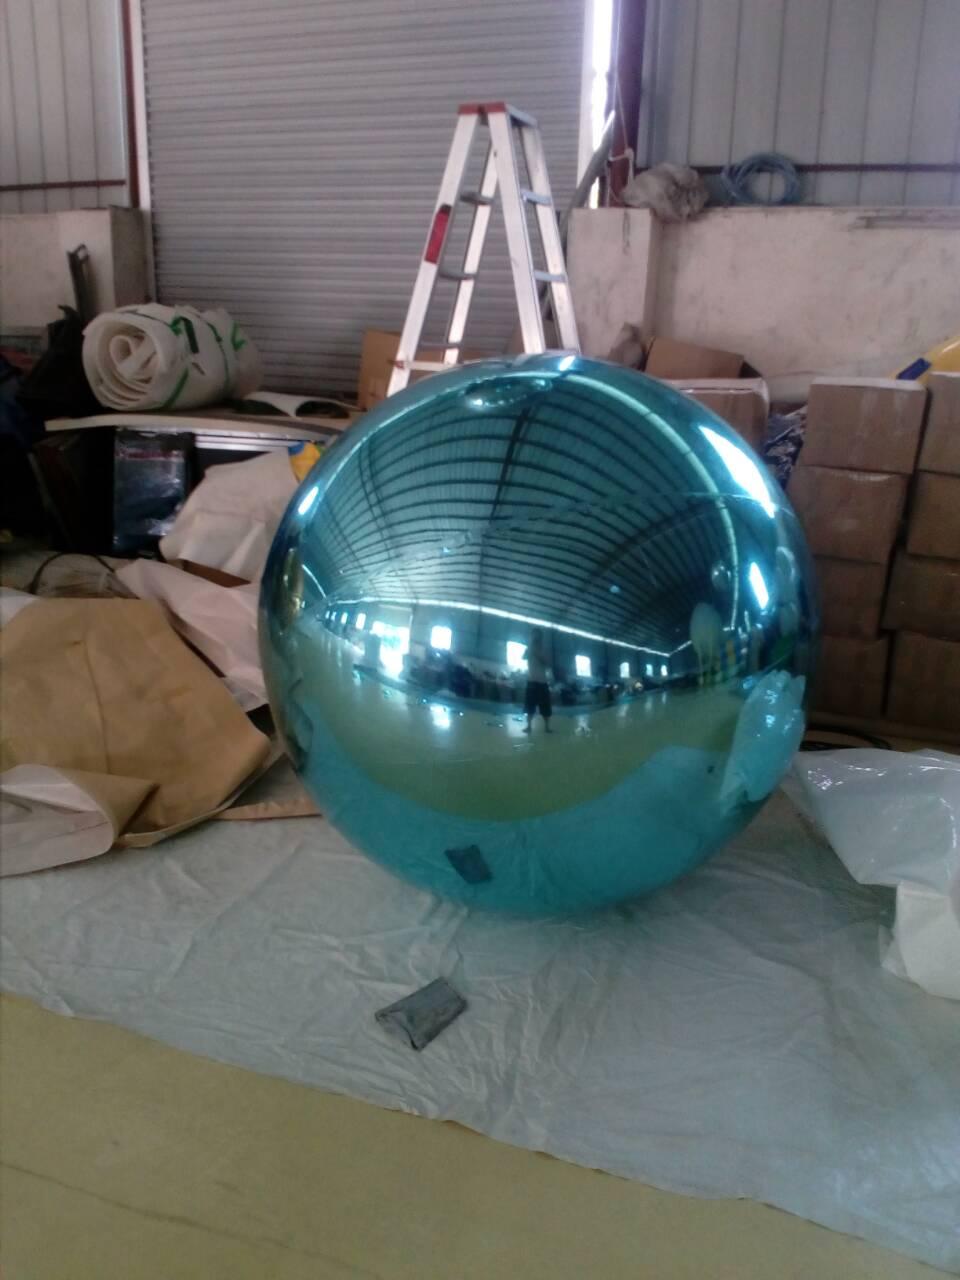 Heißer verkauf riesigen aufblasbaren ball für werbung angepasst dekoration spiegelkugel neuankömmling reflektierende aufblasbare spiegelkugel